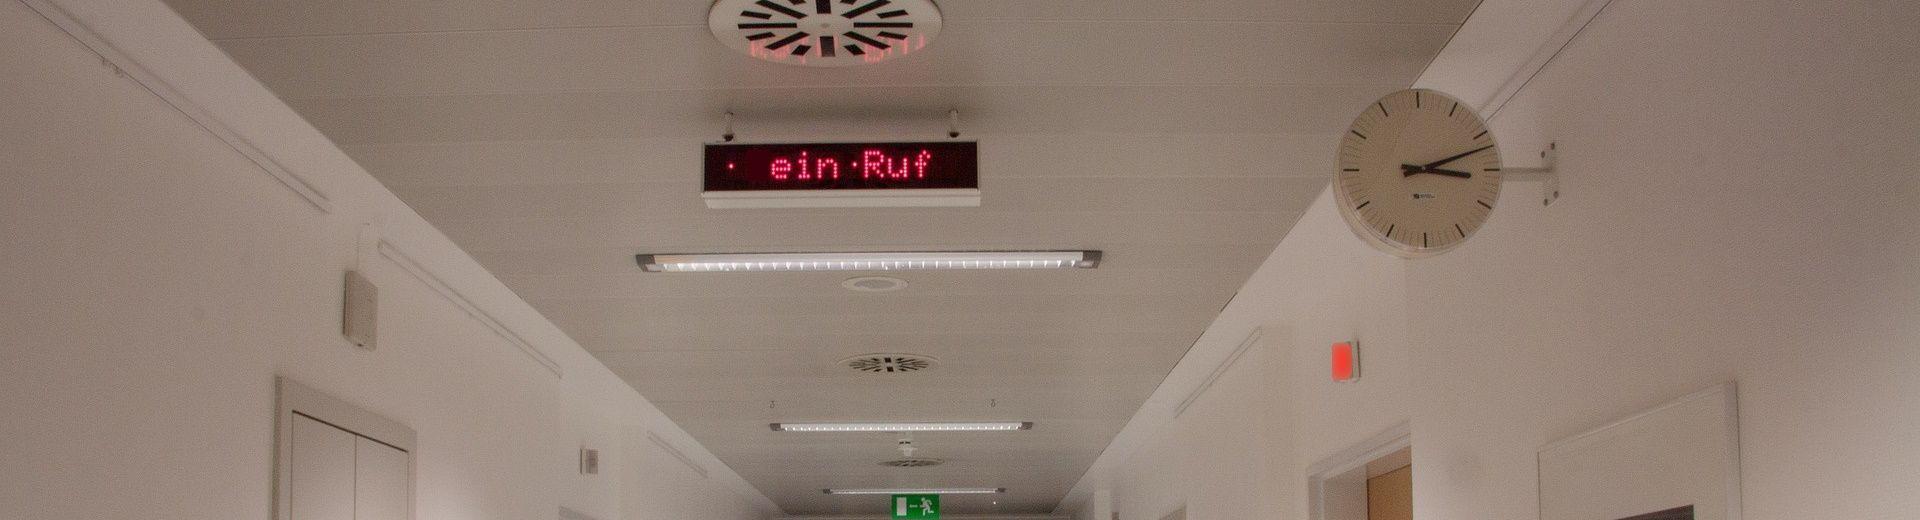 Lichtrufanlage | Ahaus | Münsterland